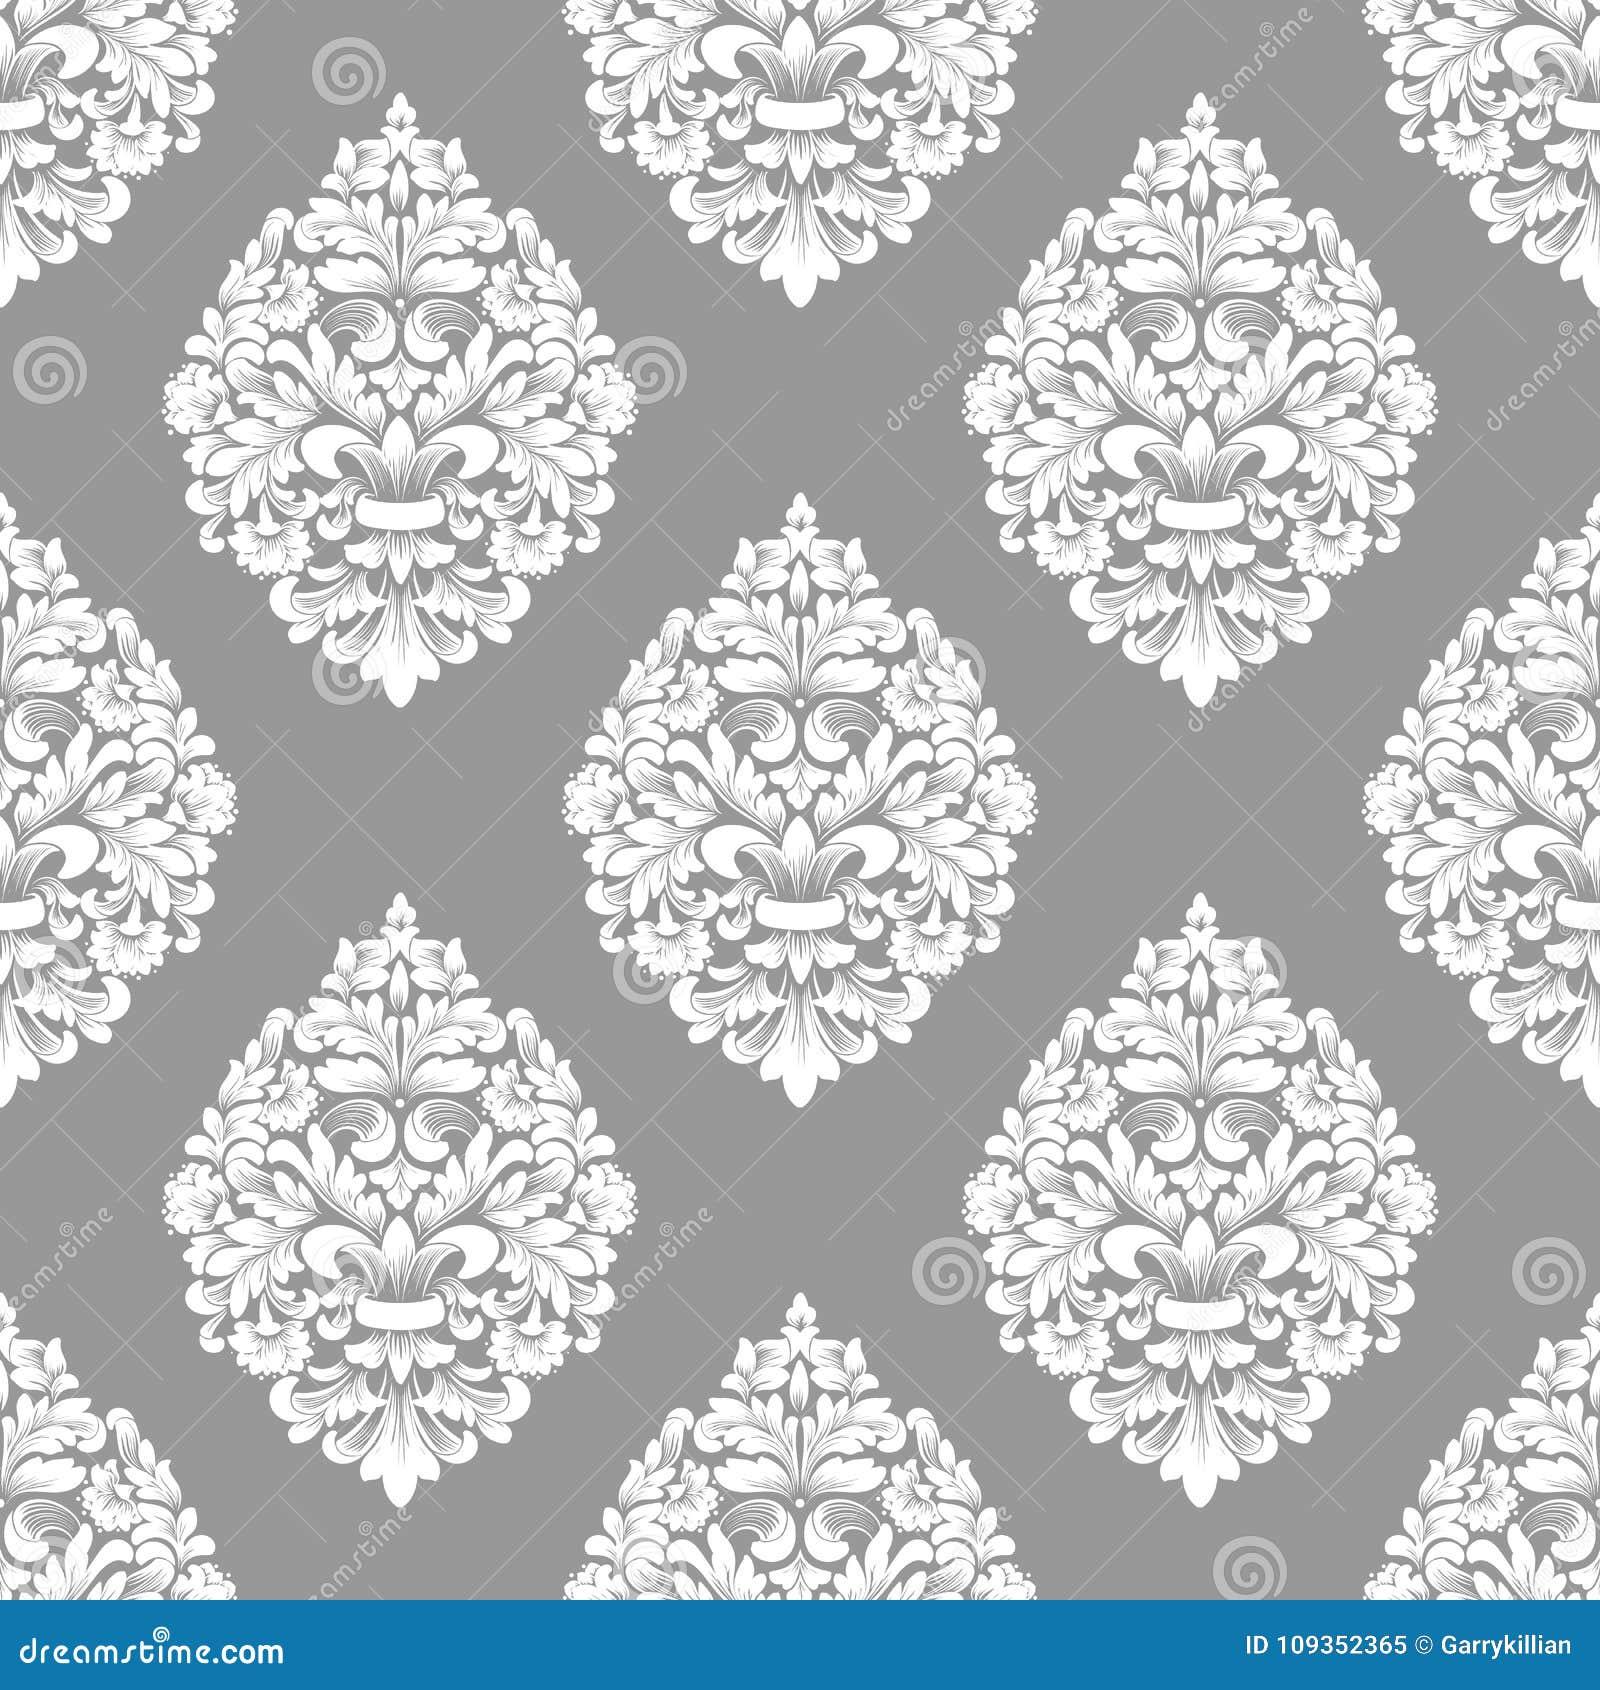 De vector achtergrond van het damast naadloze patroon Het klassieke ornament van het luxe ouderwetse damast, koninklijke victoria